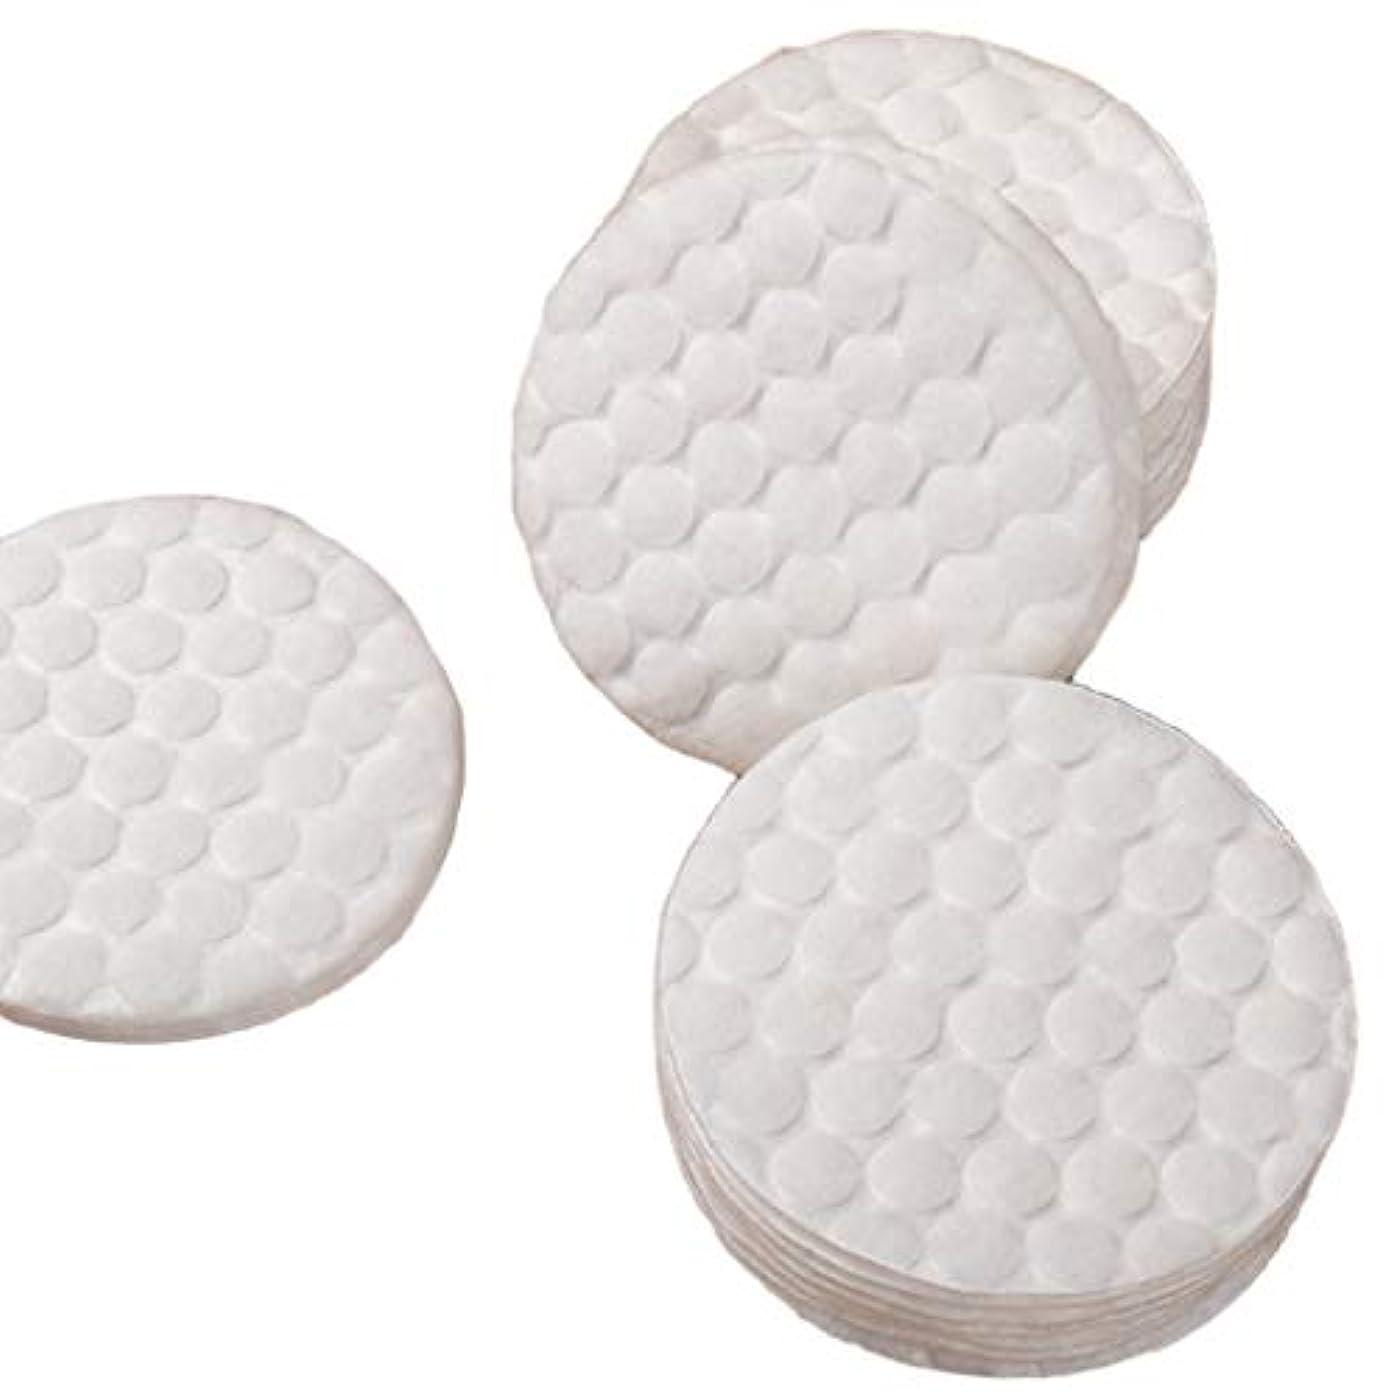 後方にクレーンダイエットクレンジングシート 60個/バッグメイク落としコットンパッド洗えるワイプクレンジングオイルスキンケアフェイシャルケアメイクアップ化粧品ワイプ (Color : White)